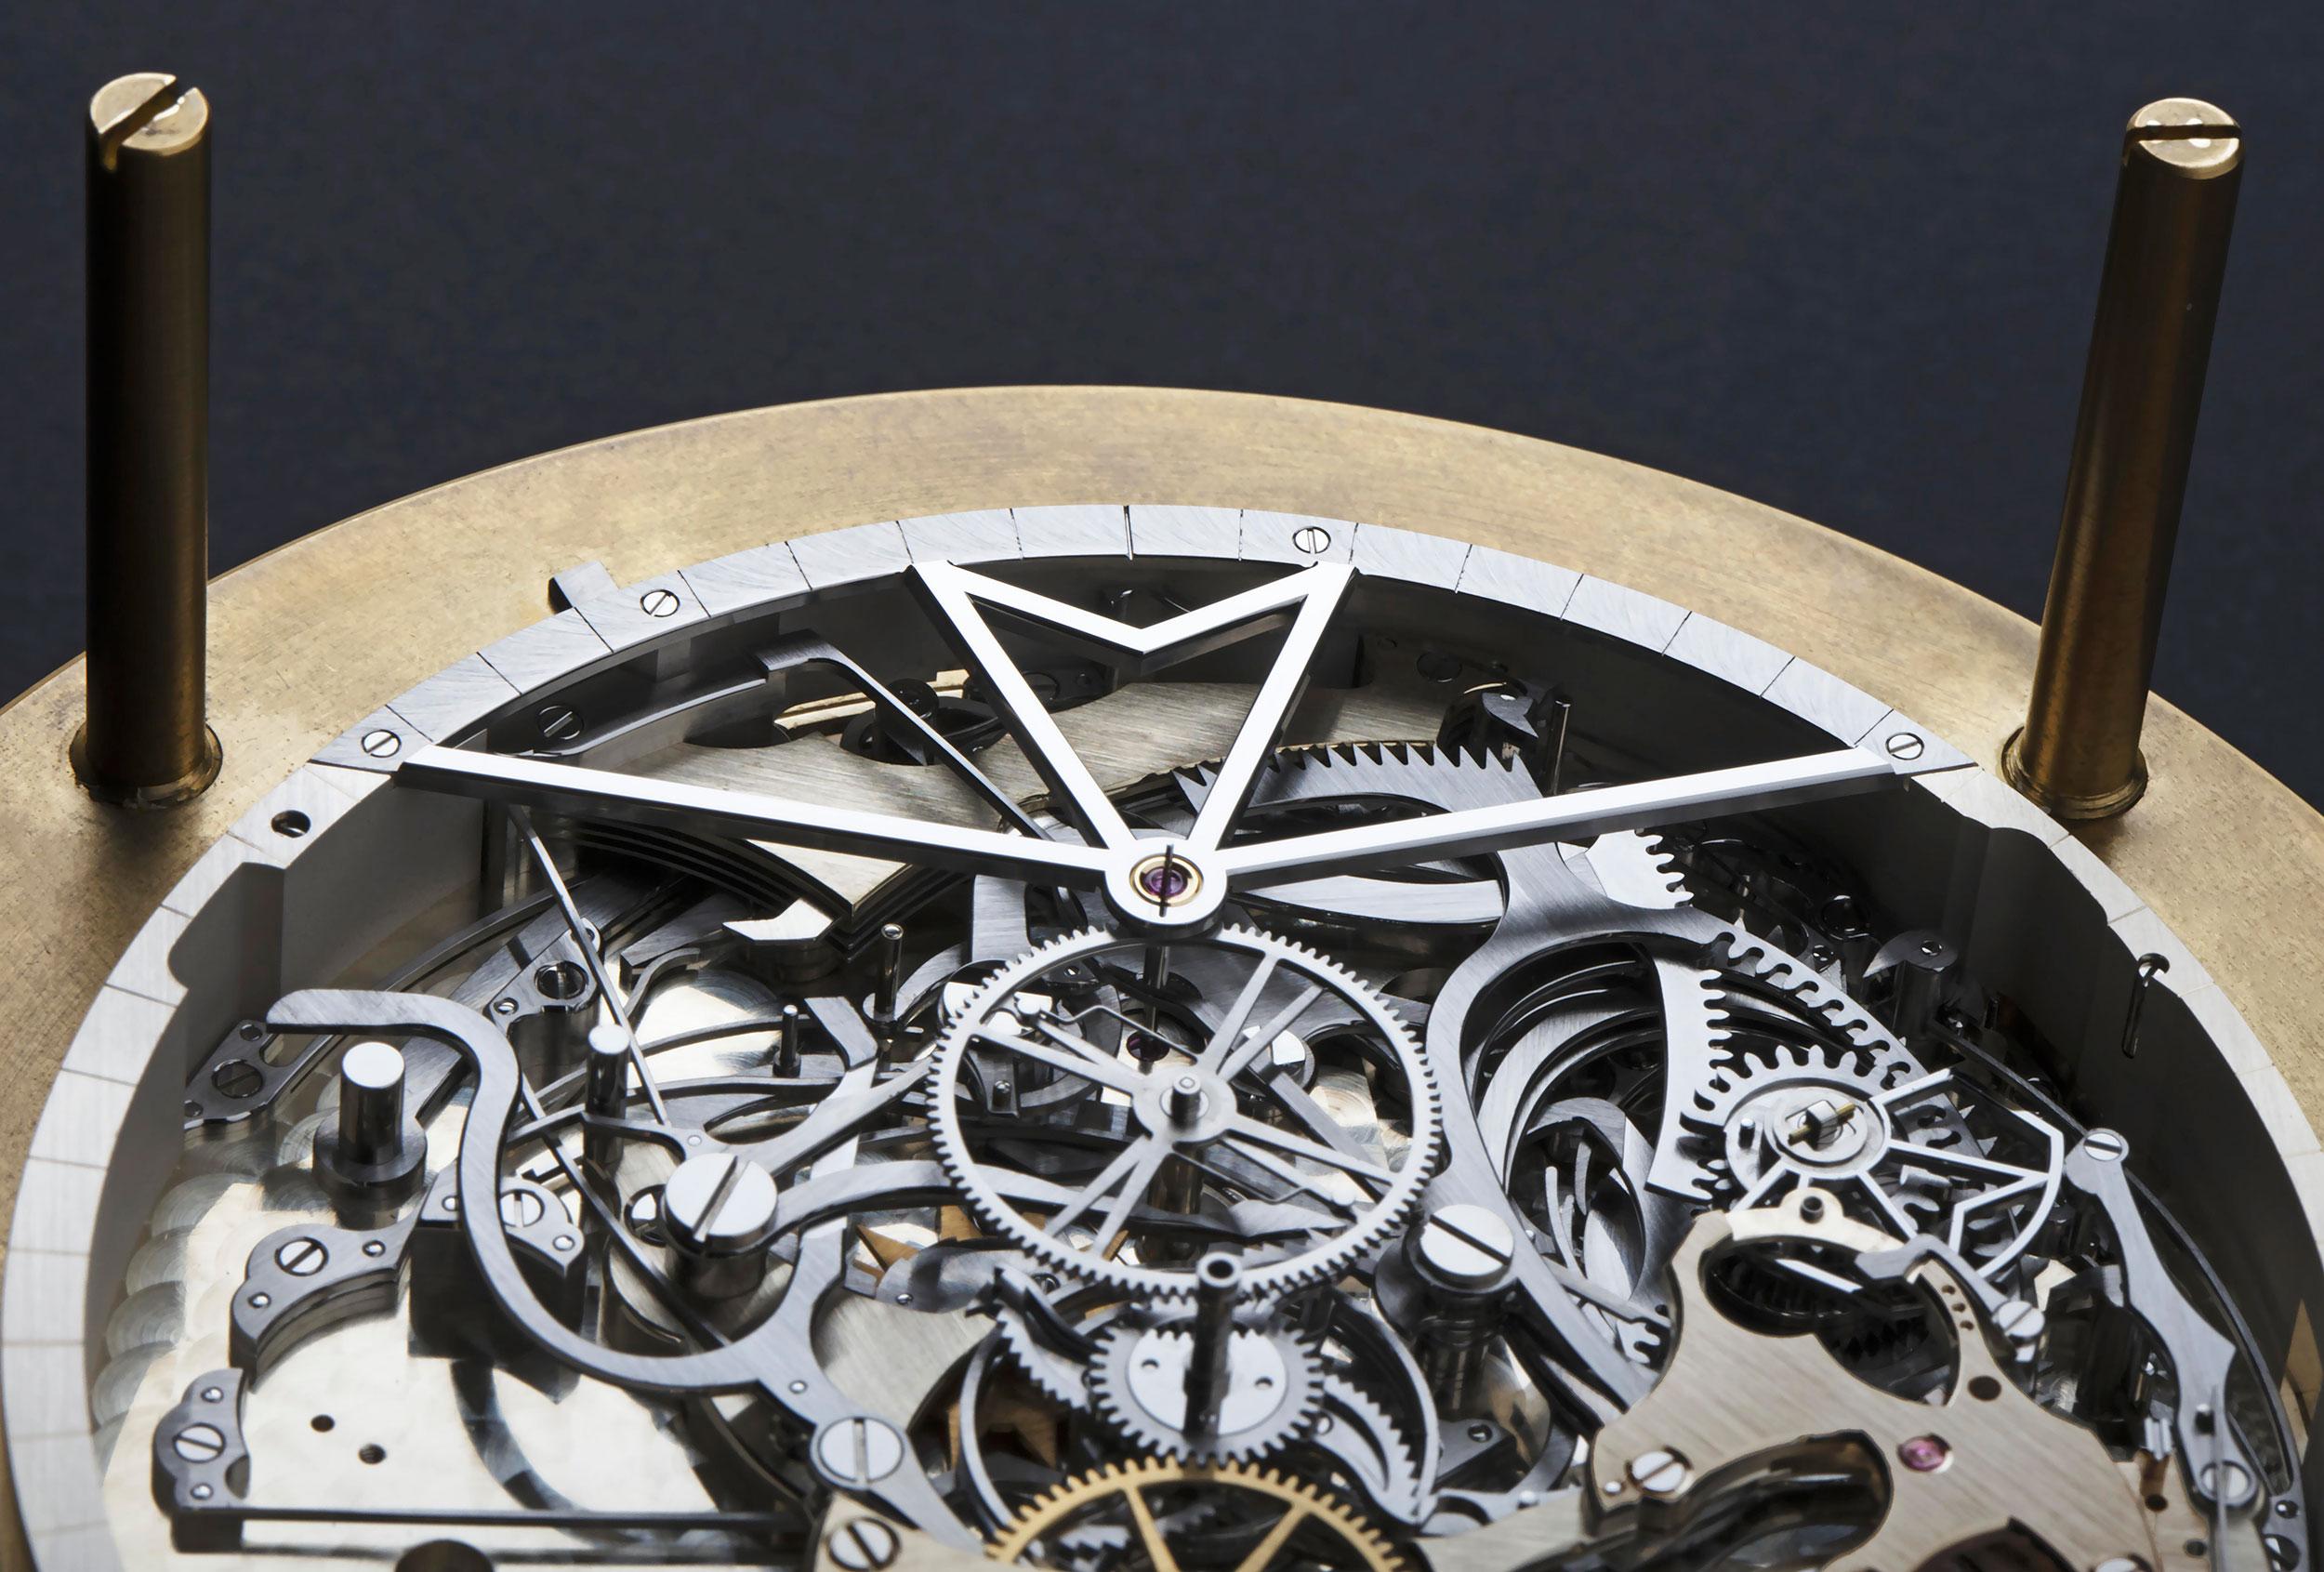 Detalle del mecanismo de sonería del calibre del Vacheron Constantin Les Cabinotiers Westminster Sonnerie – Tribute to Johannes Vermeer